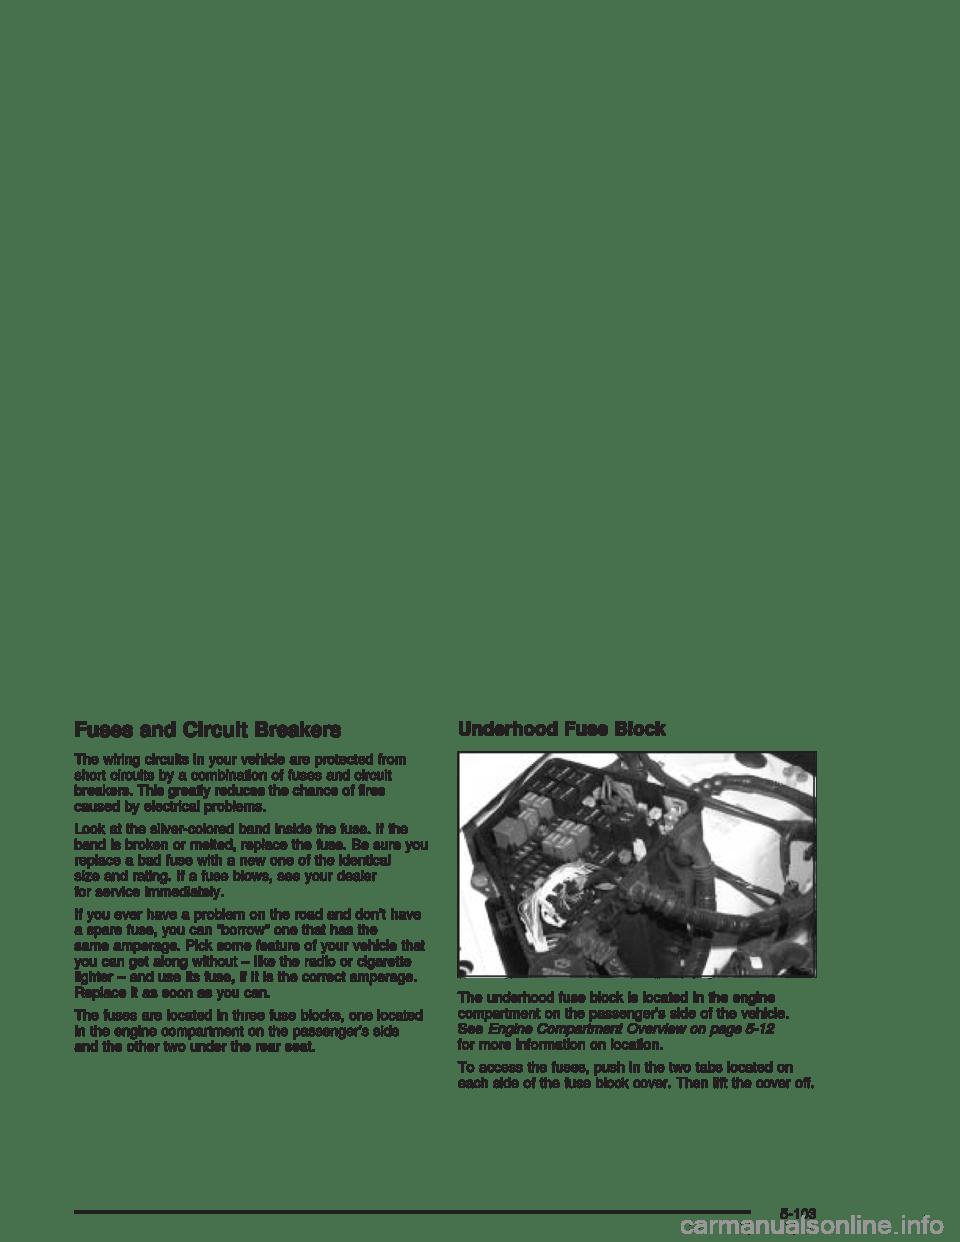 medium resolution of wrg 3427 2004 cadillac srx fuse diagram2004 cadillac srx fuse diagram